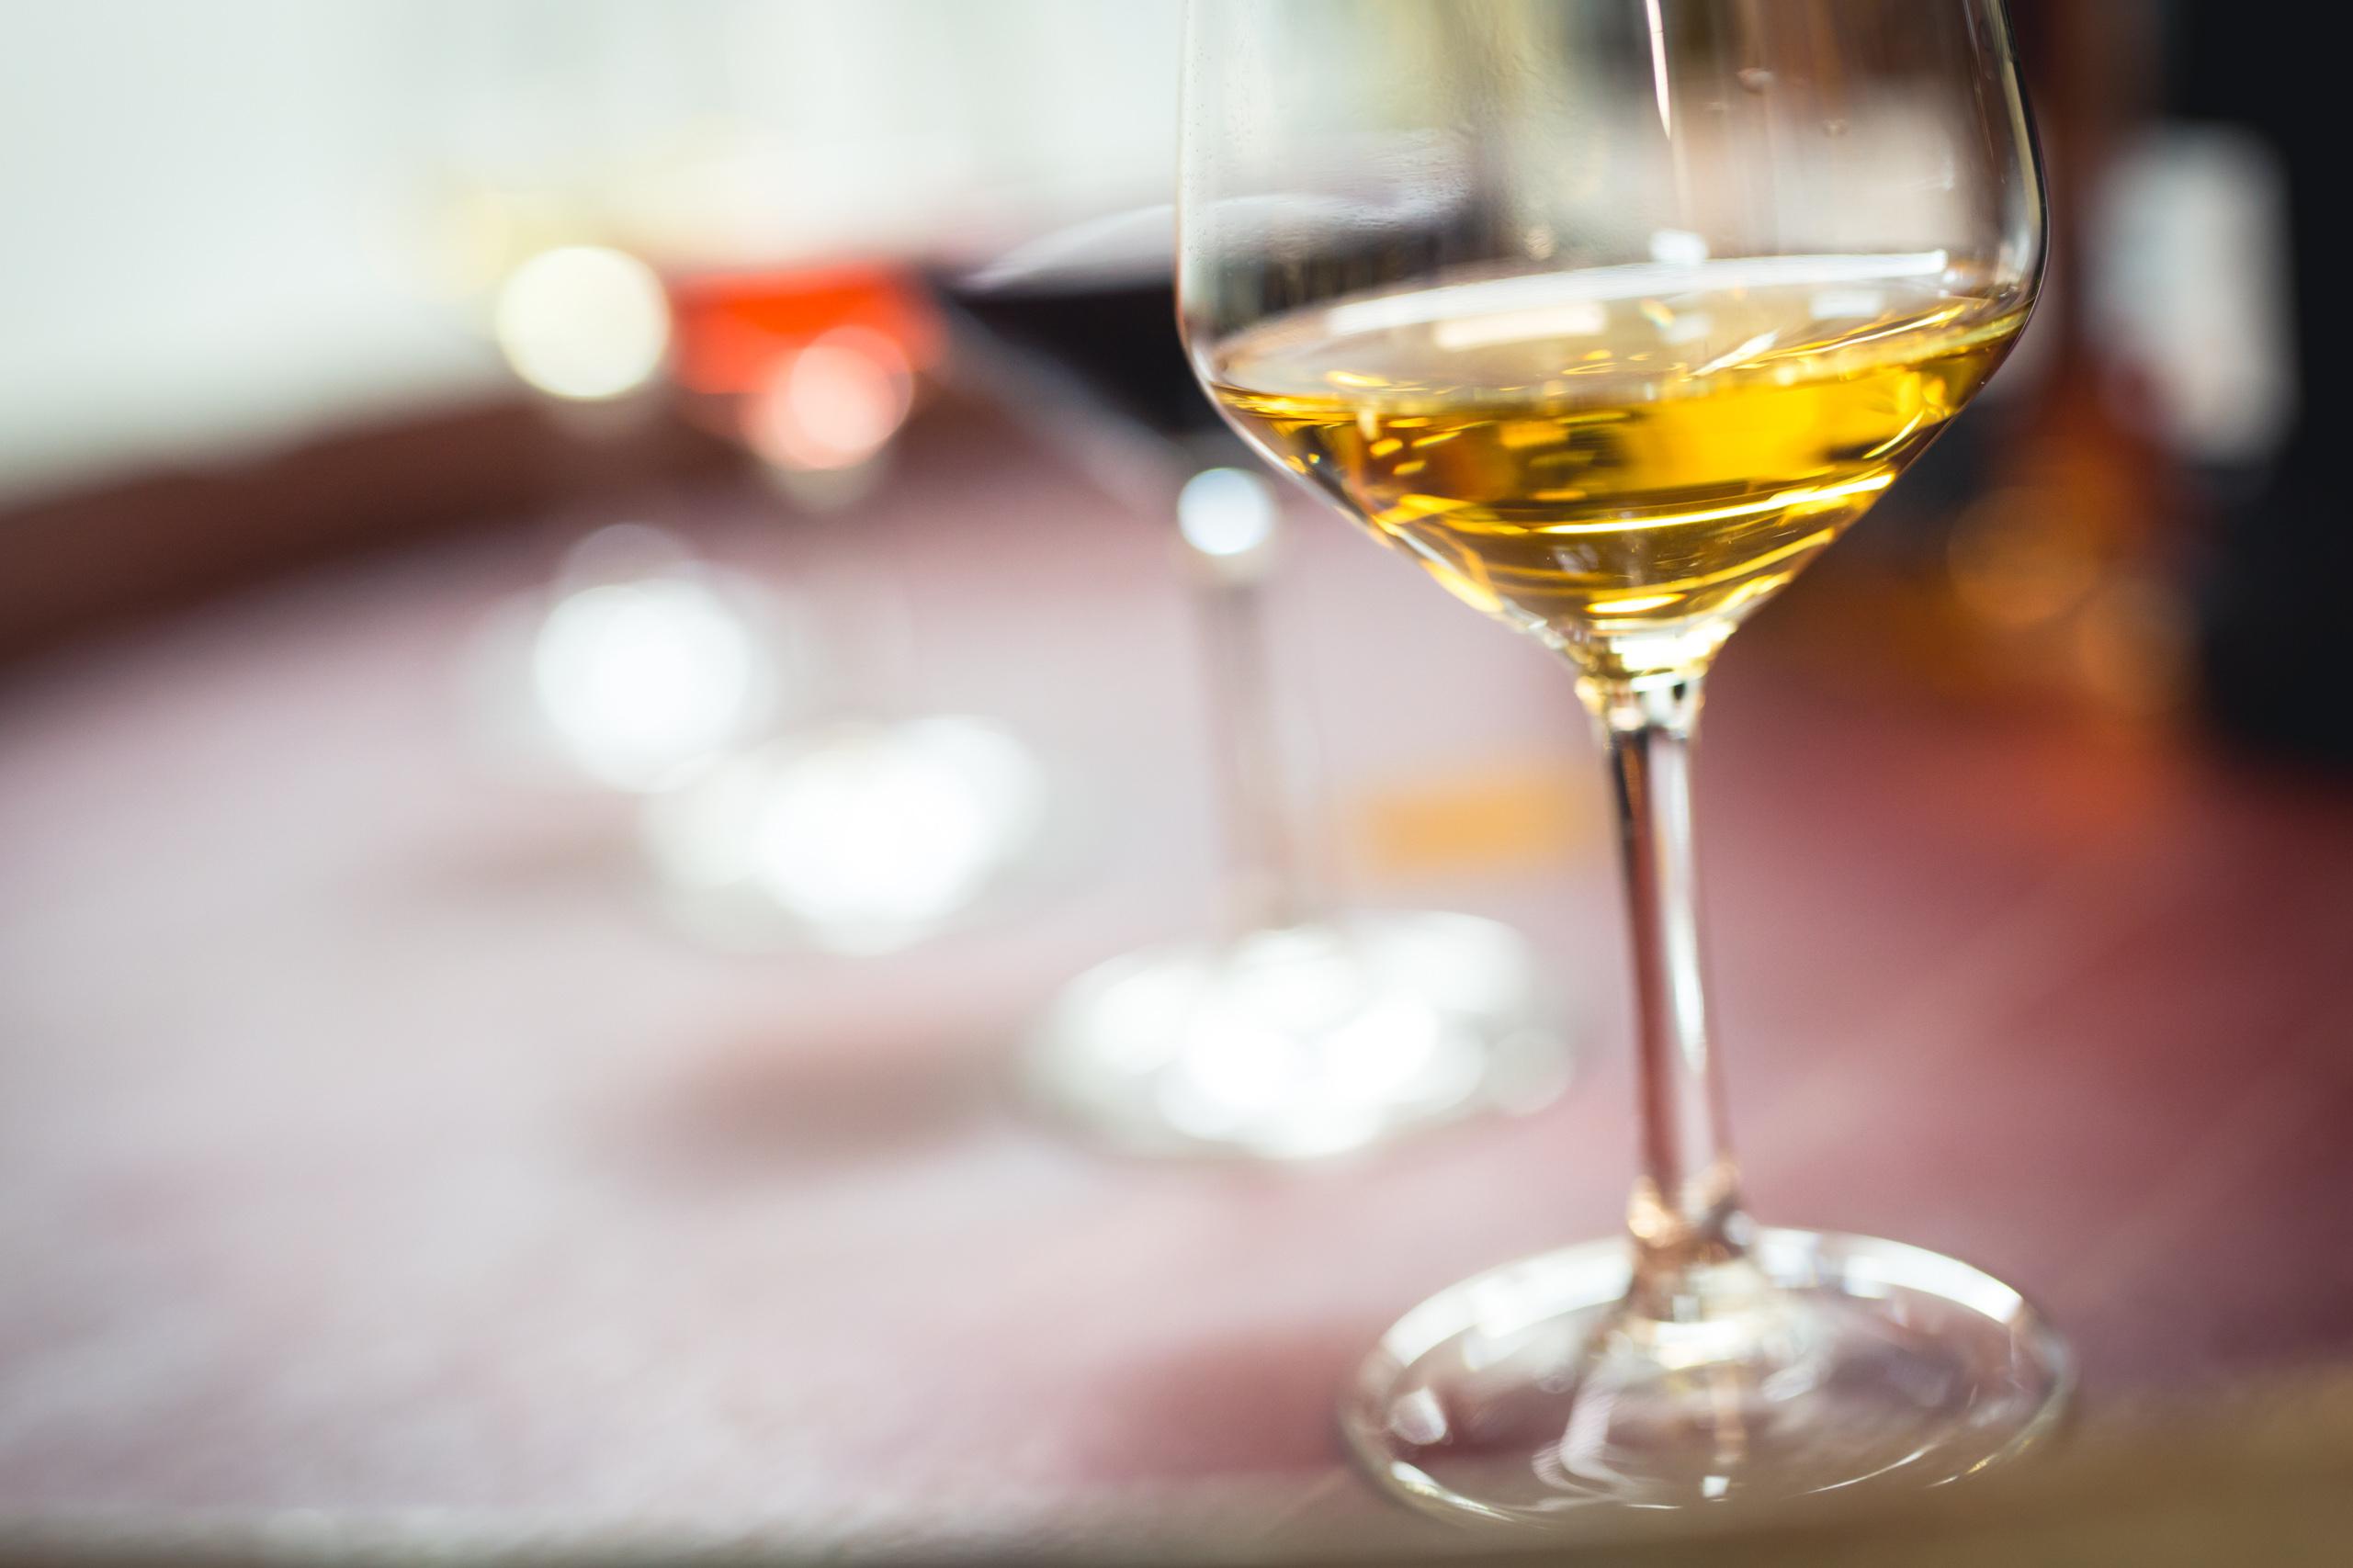 Un verre de vin blanc, un verre de rosé et un verre de vin rouge